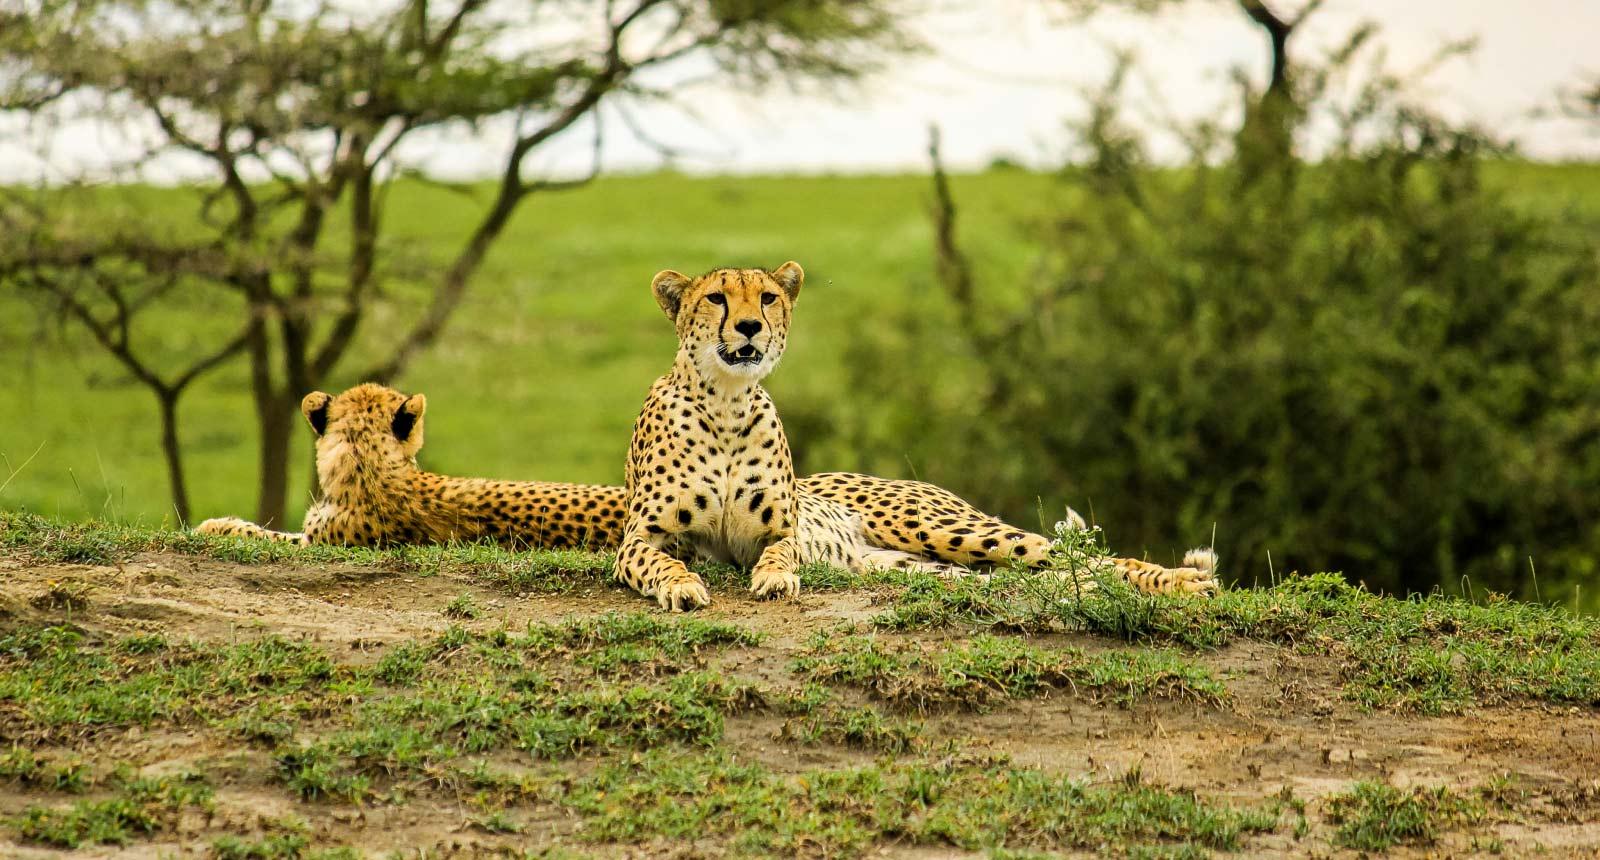 Tarangire / Ngorongoro Crater/ Lake Manyara